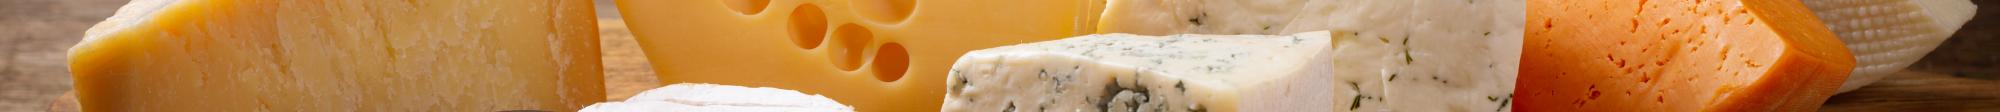 Comprar  quesos Francia gourmet online | Mixtura Gourmet